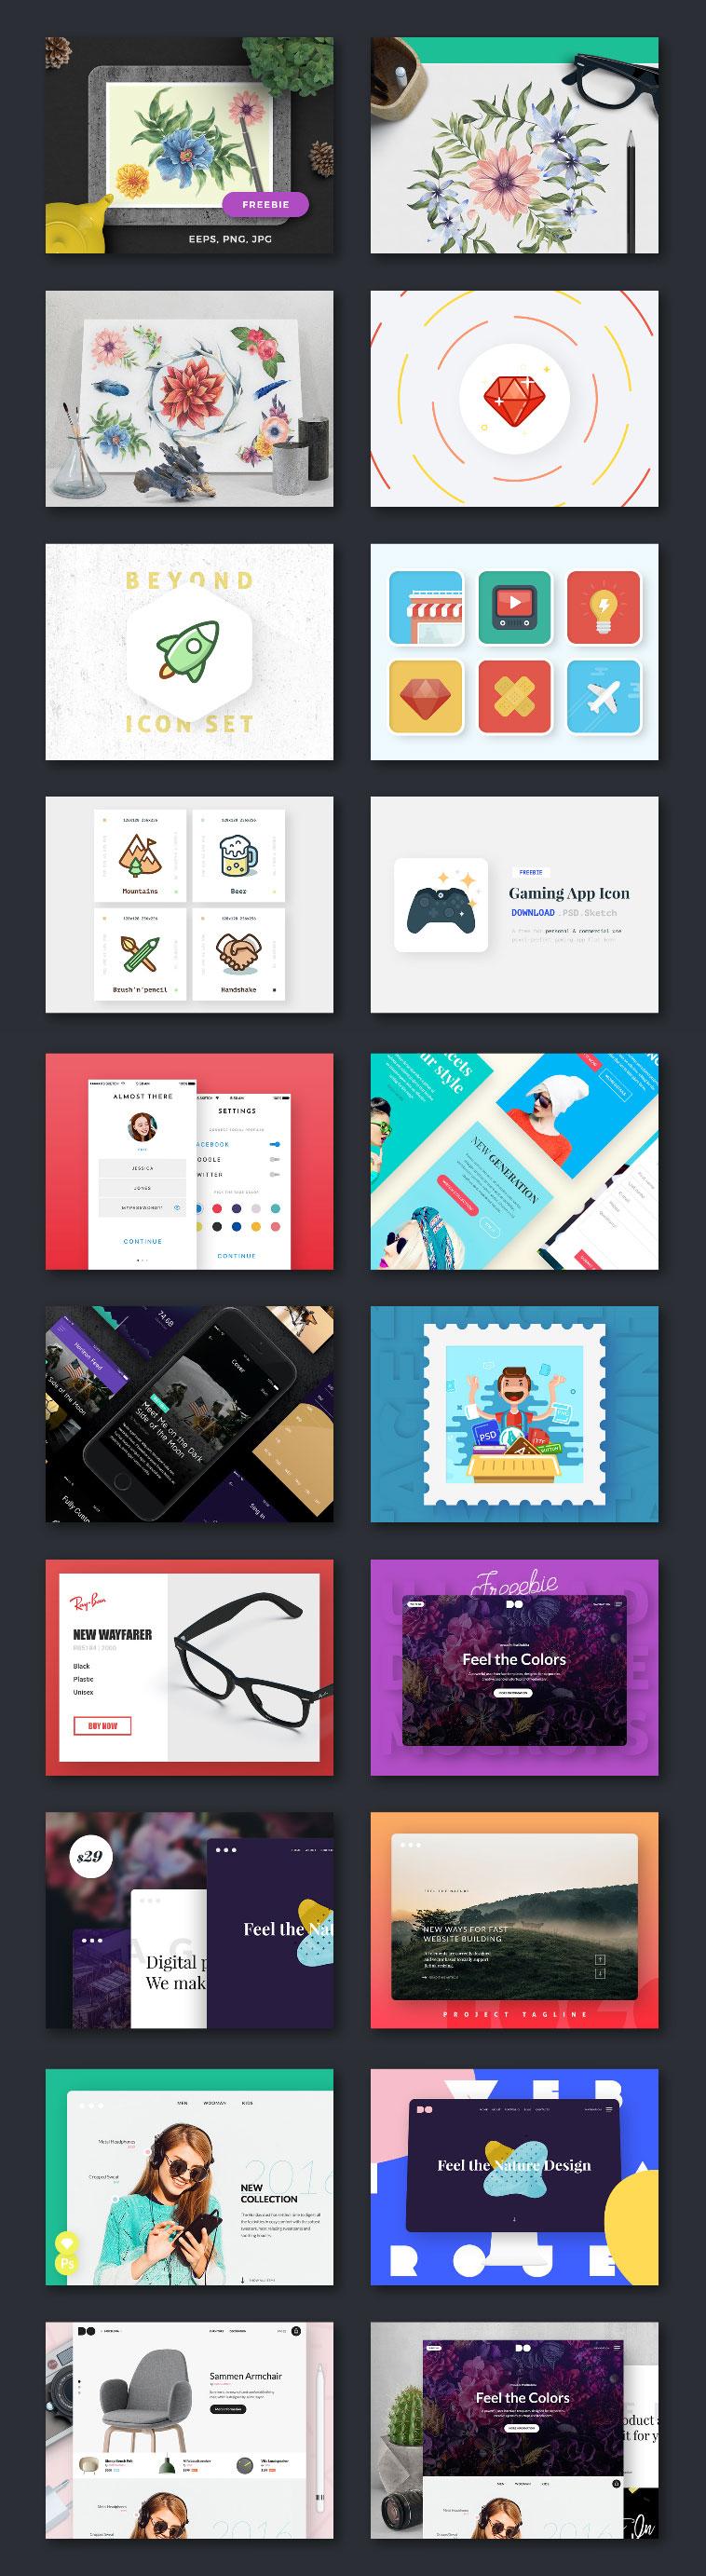 SNS社交网络广告图设计模版PSD下载